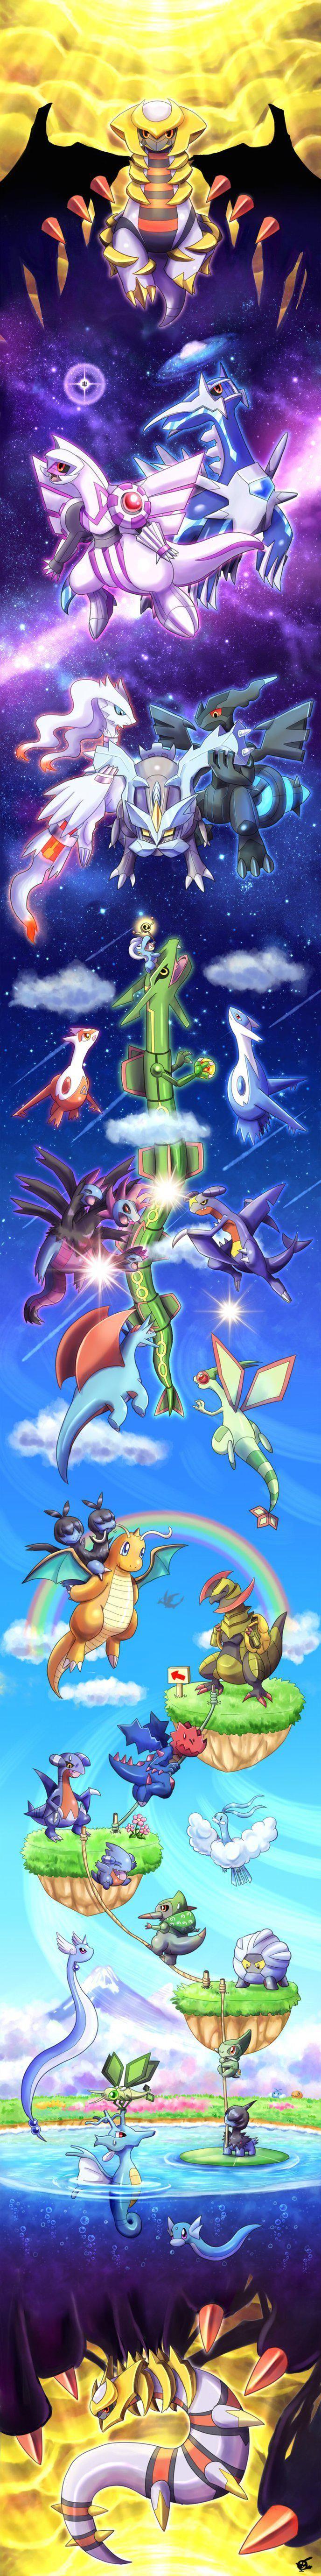 Fan art Pokémon by Aelleon